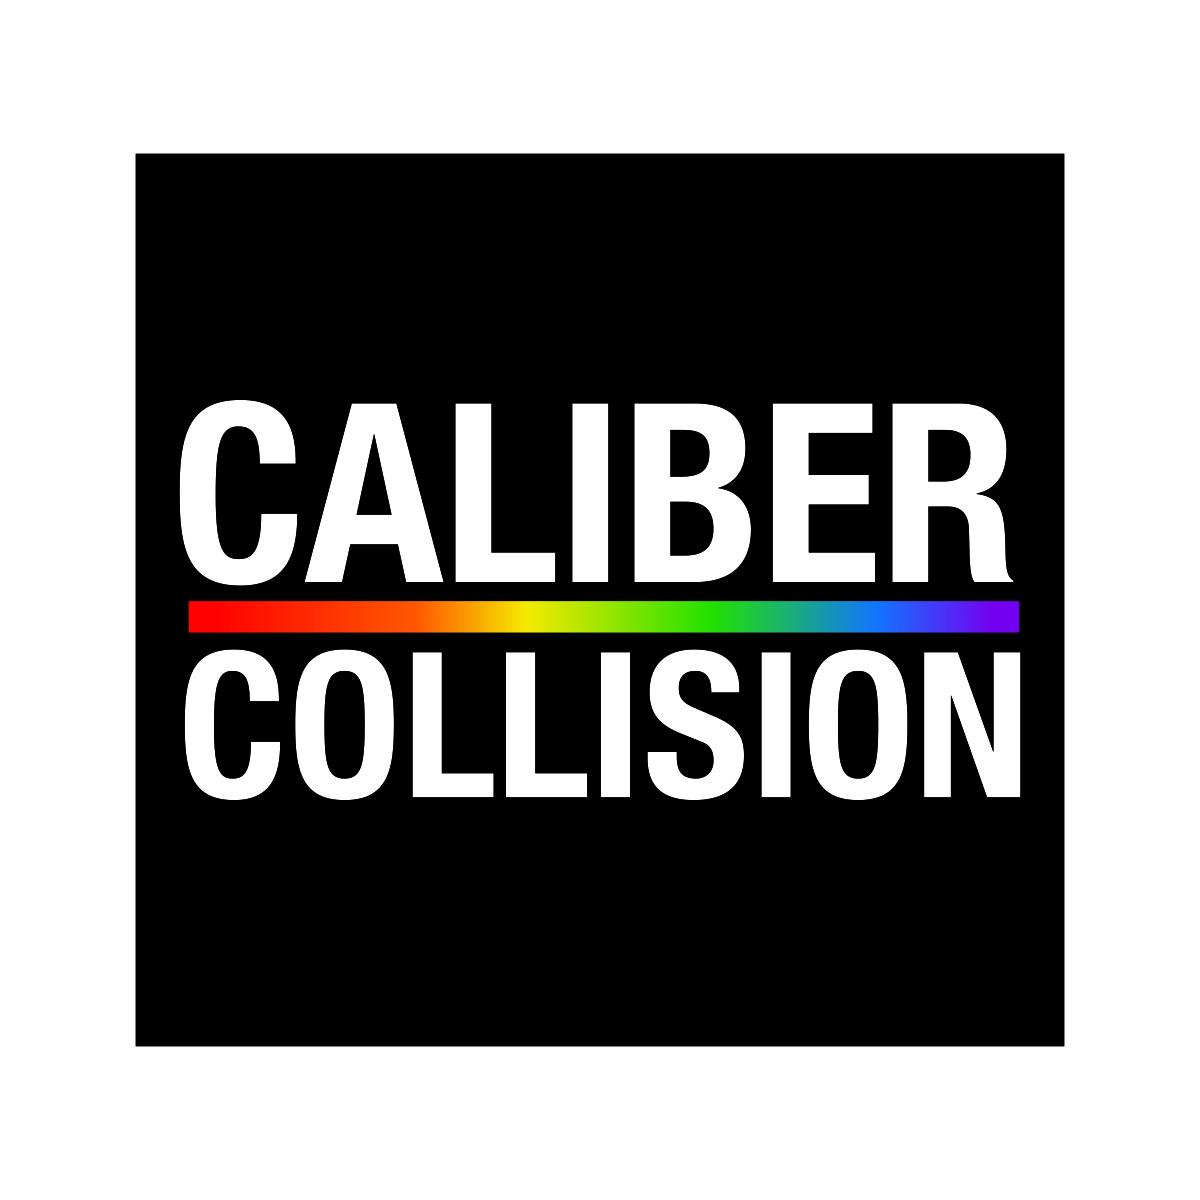 https://secureservercdn.net/45.40.150.47/08r.a40.myftpupload.com/wp-content/uploads/2019/04/Calliber-Collision.jpg